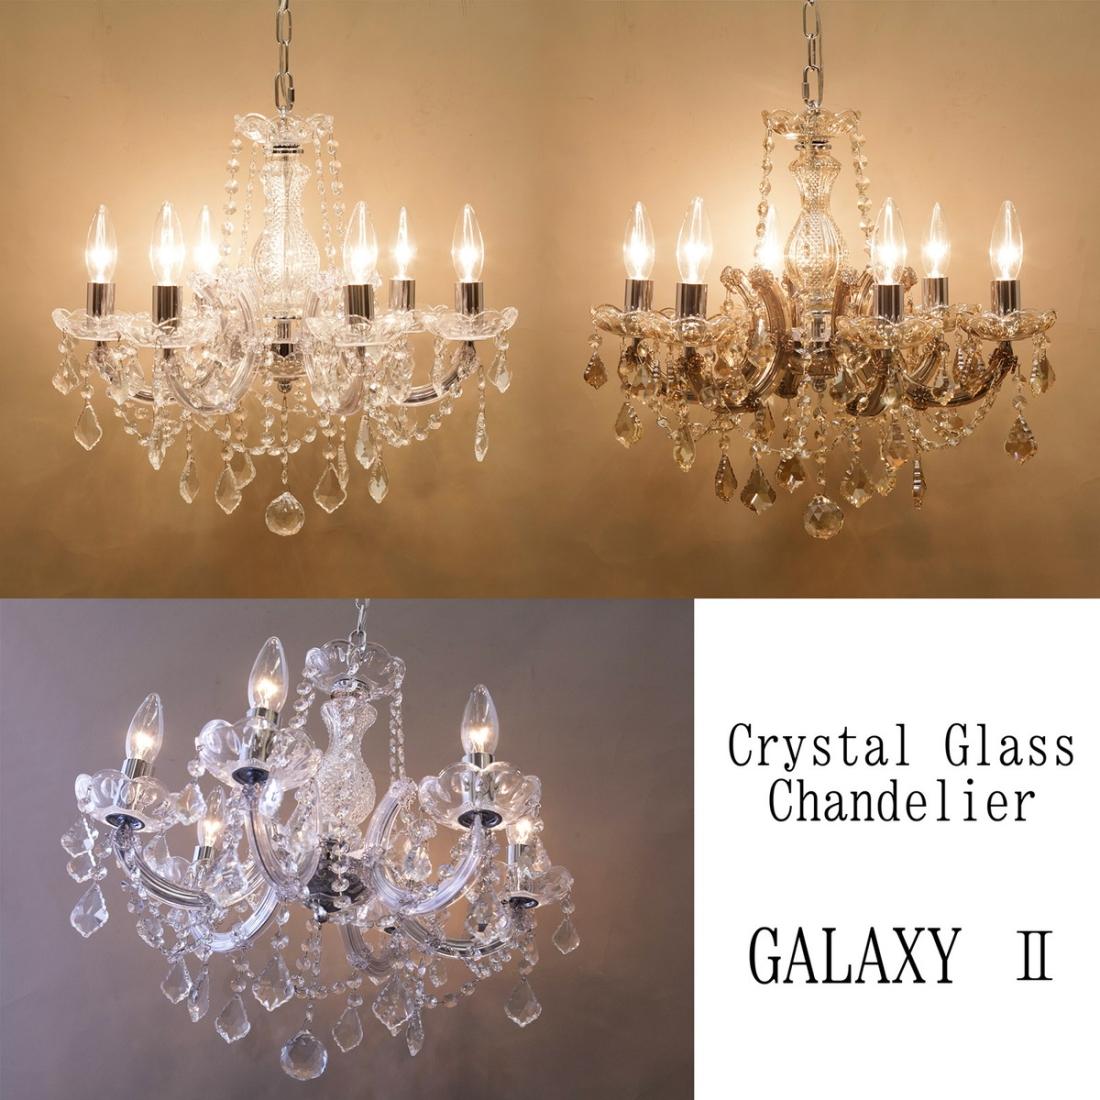 クリスタルガラスシャンデリア[ギャラクシーII] 6灯 LED電球対応